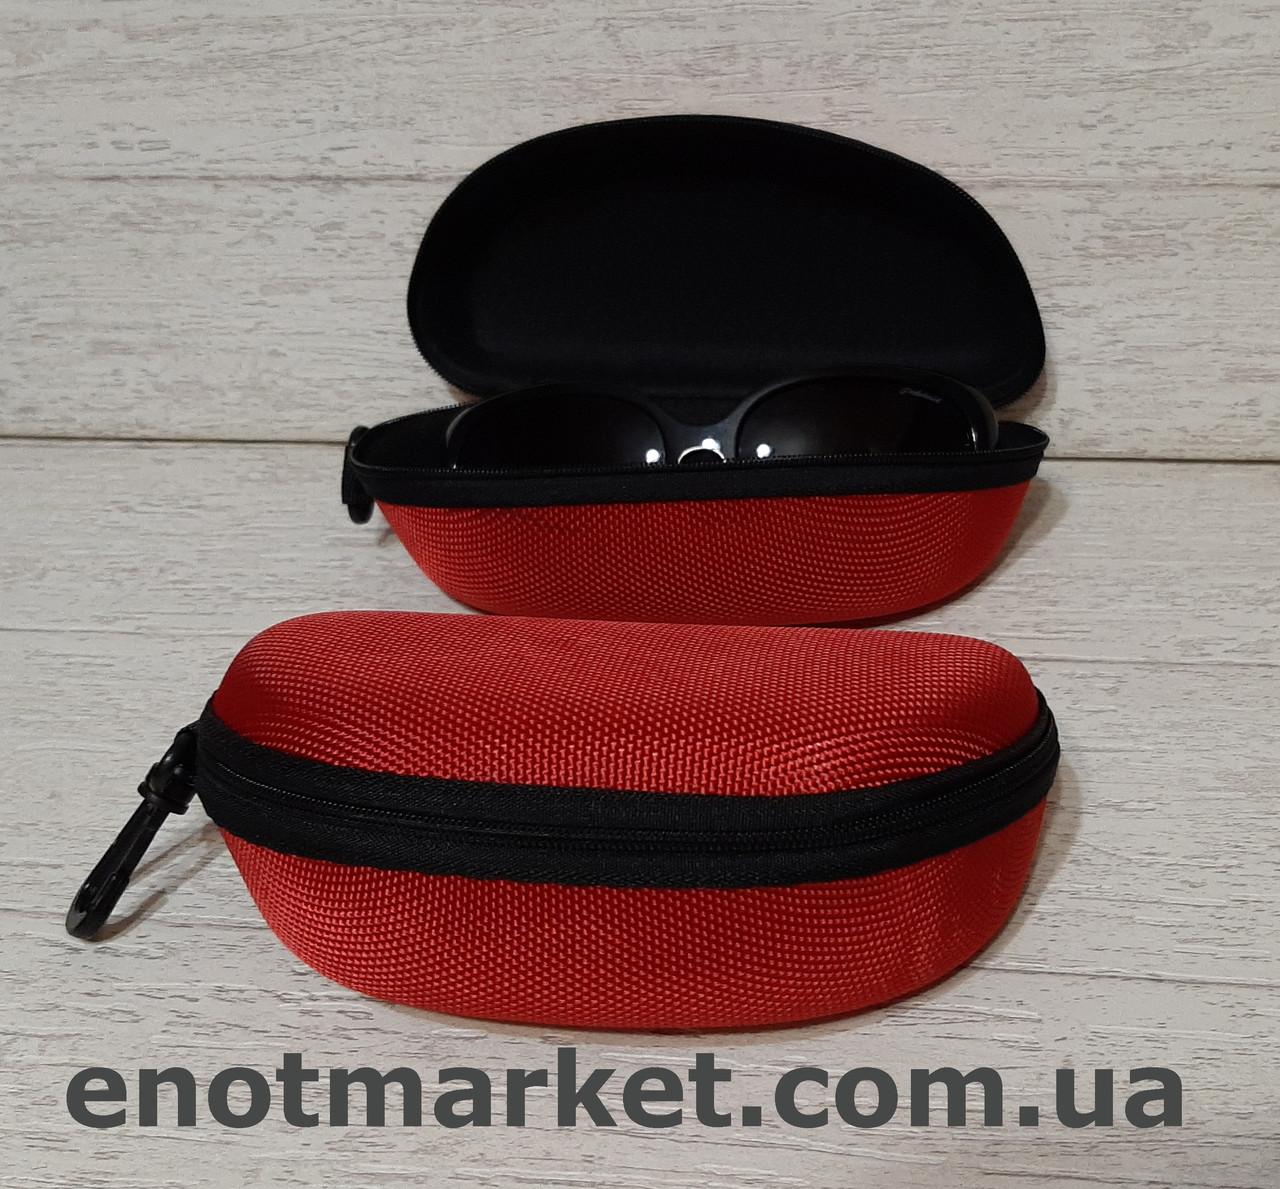 Футляр чехол бокс для очков универсальный на змейке с карабином красного цвета